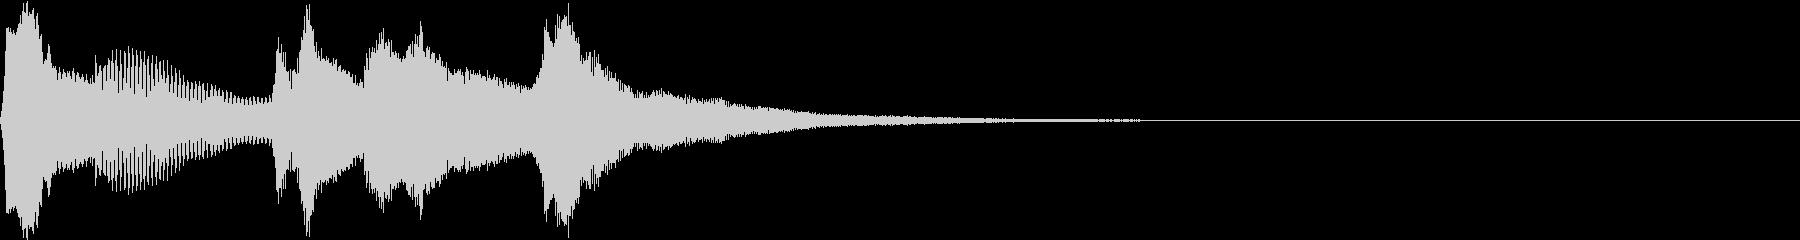 理科 化学 実験 変化 不思議 25の未再生の波形